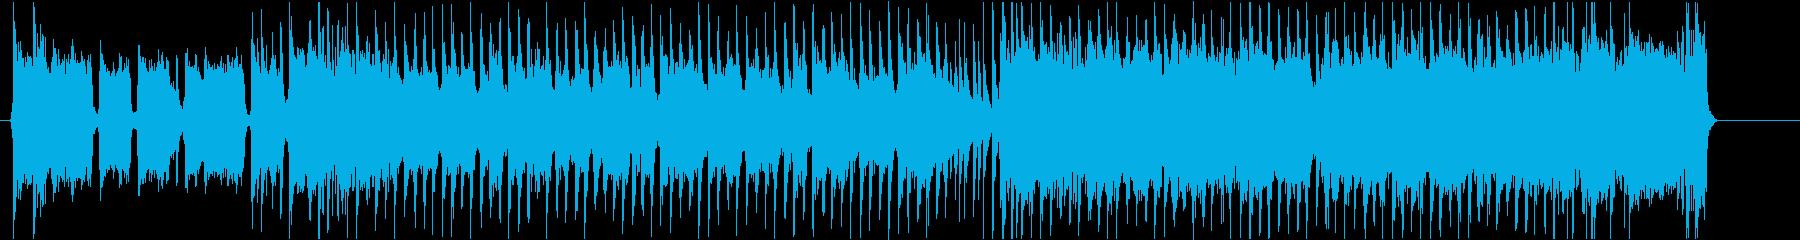 30秒 広告に!ノリノリ ギターロック!の再生済みの波形